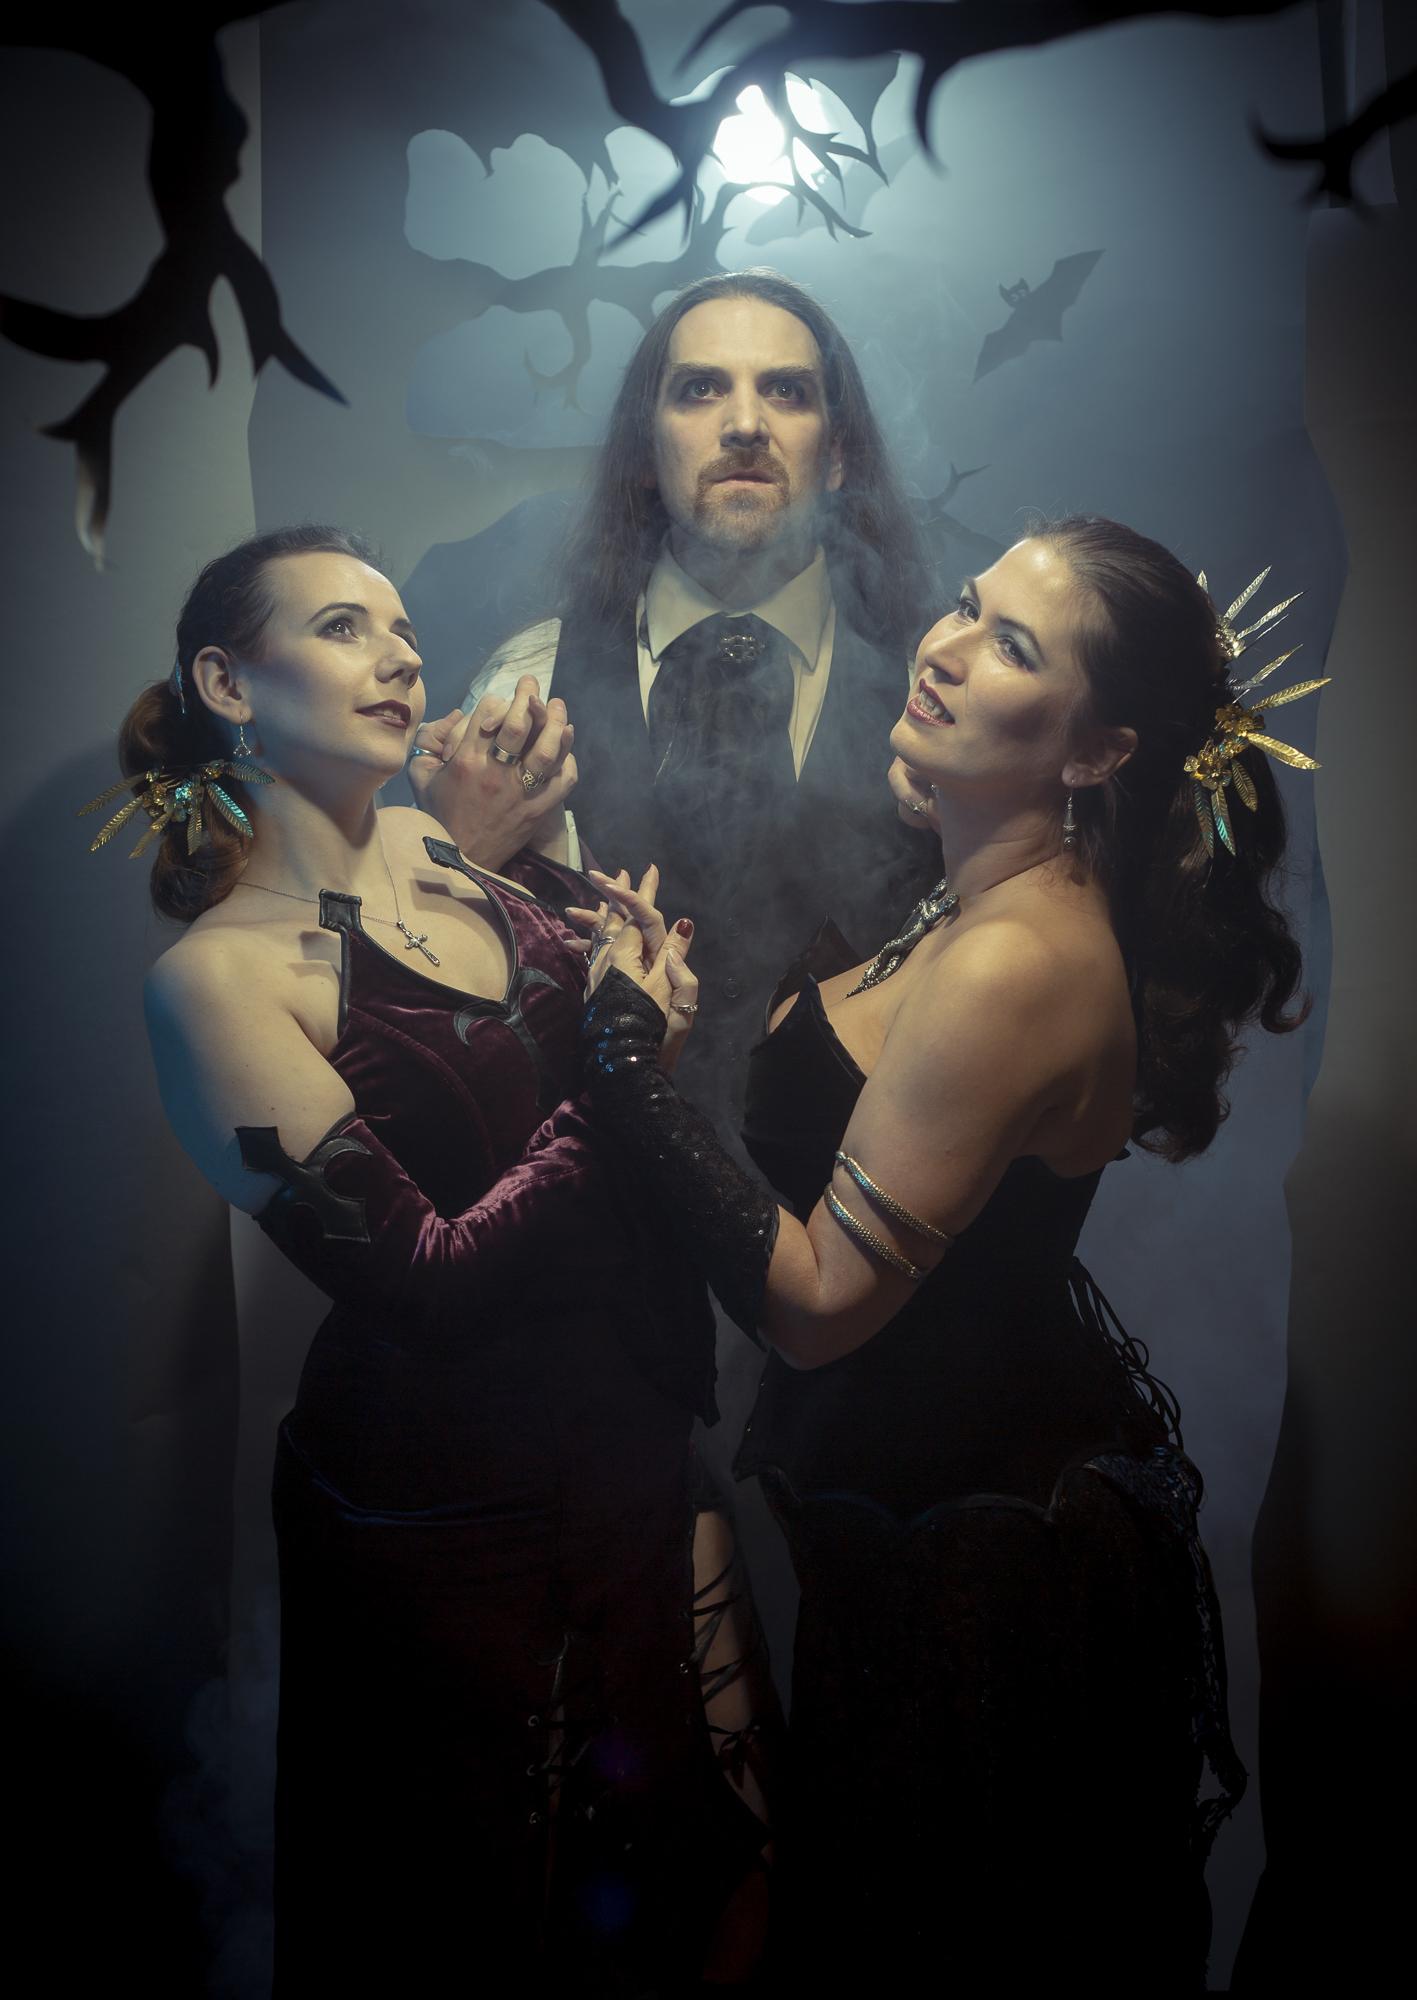 Kalender | Scherenschnitt | Vampire | Anke, Horatio Hatter und Annabelle Lee